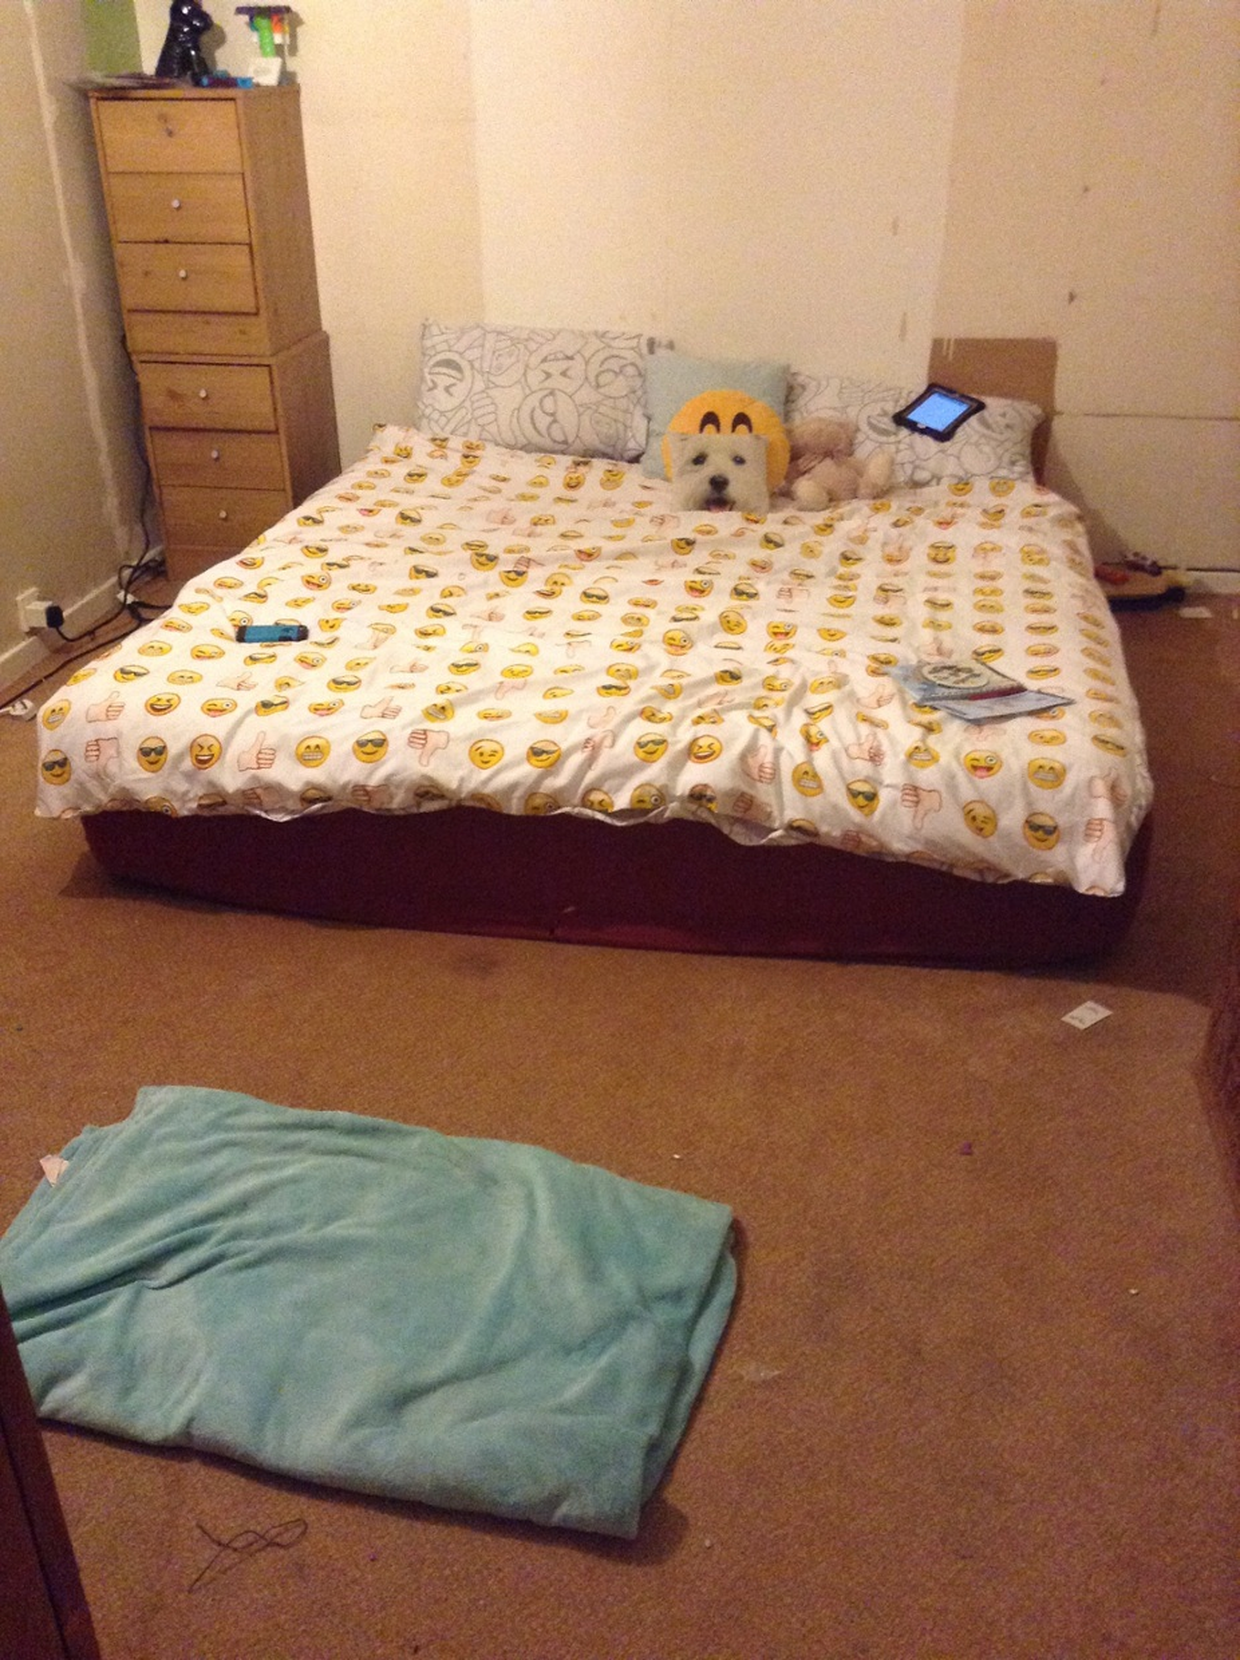 la table de nuit le lit la commode l arnoie est 225 do thinglink